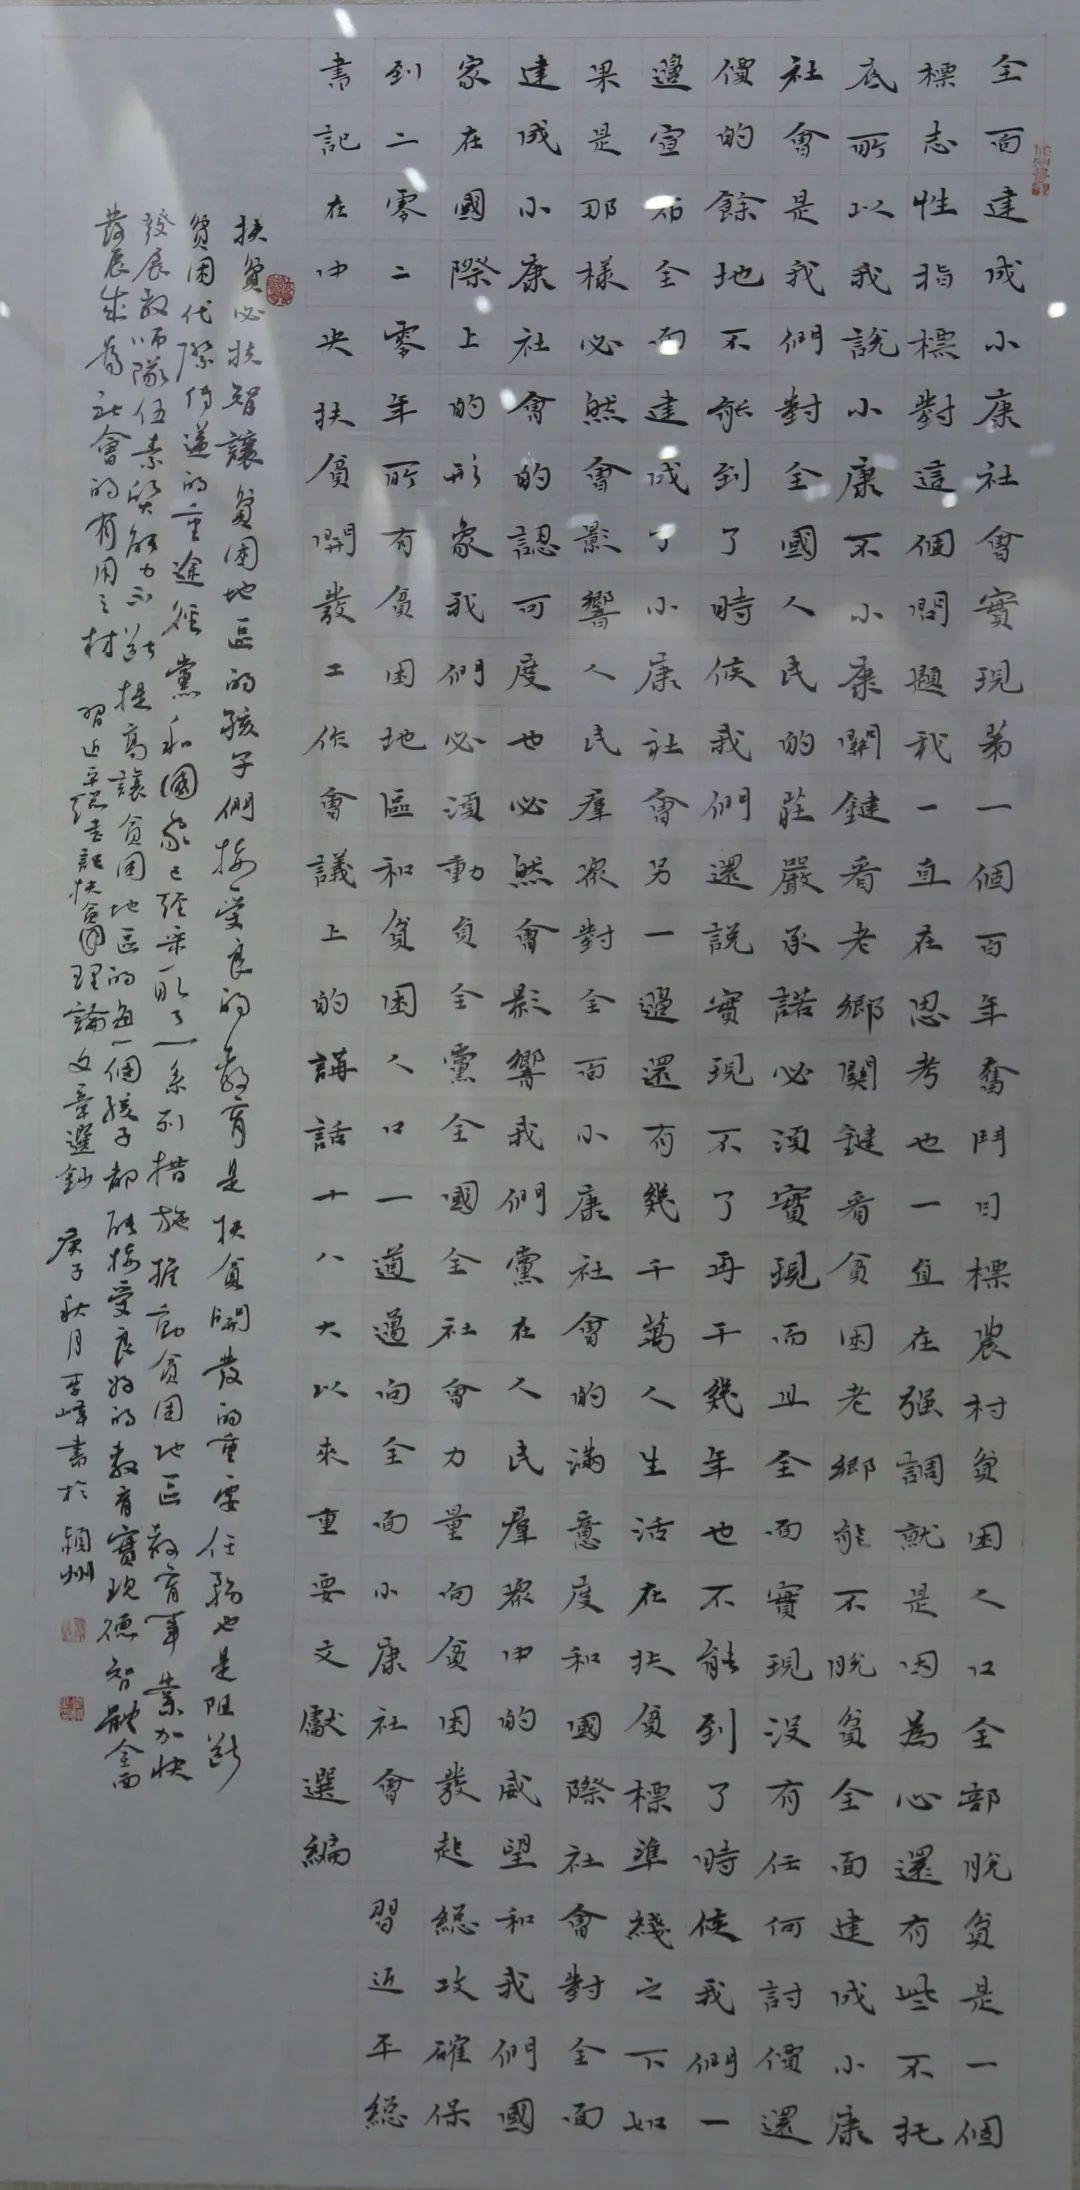 传承红色文化 携手共迎小康 苏皖两省六市书画展在蚌埠开幕(图37)